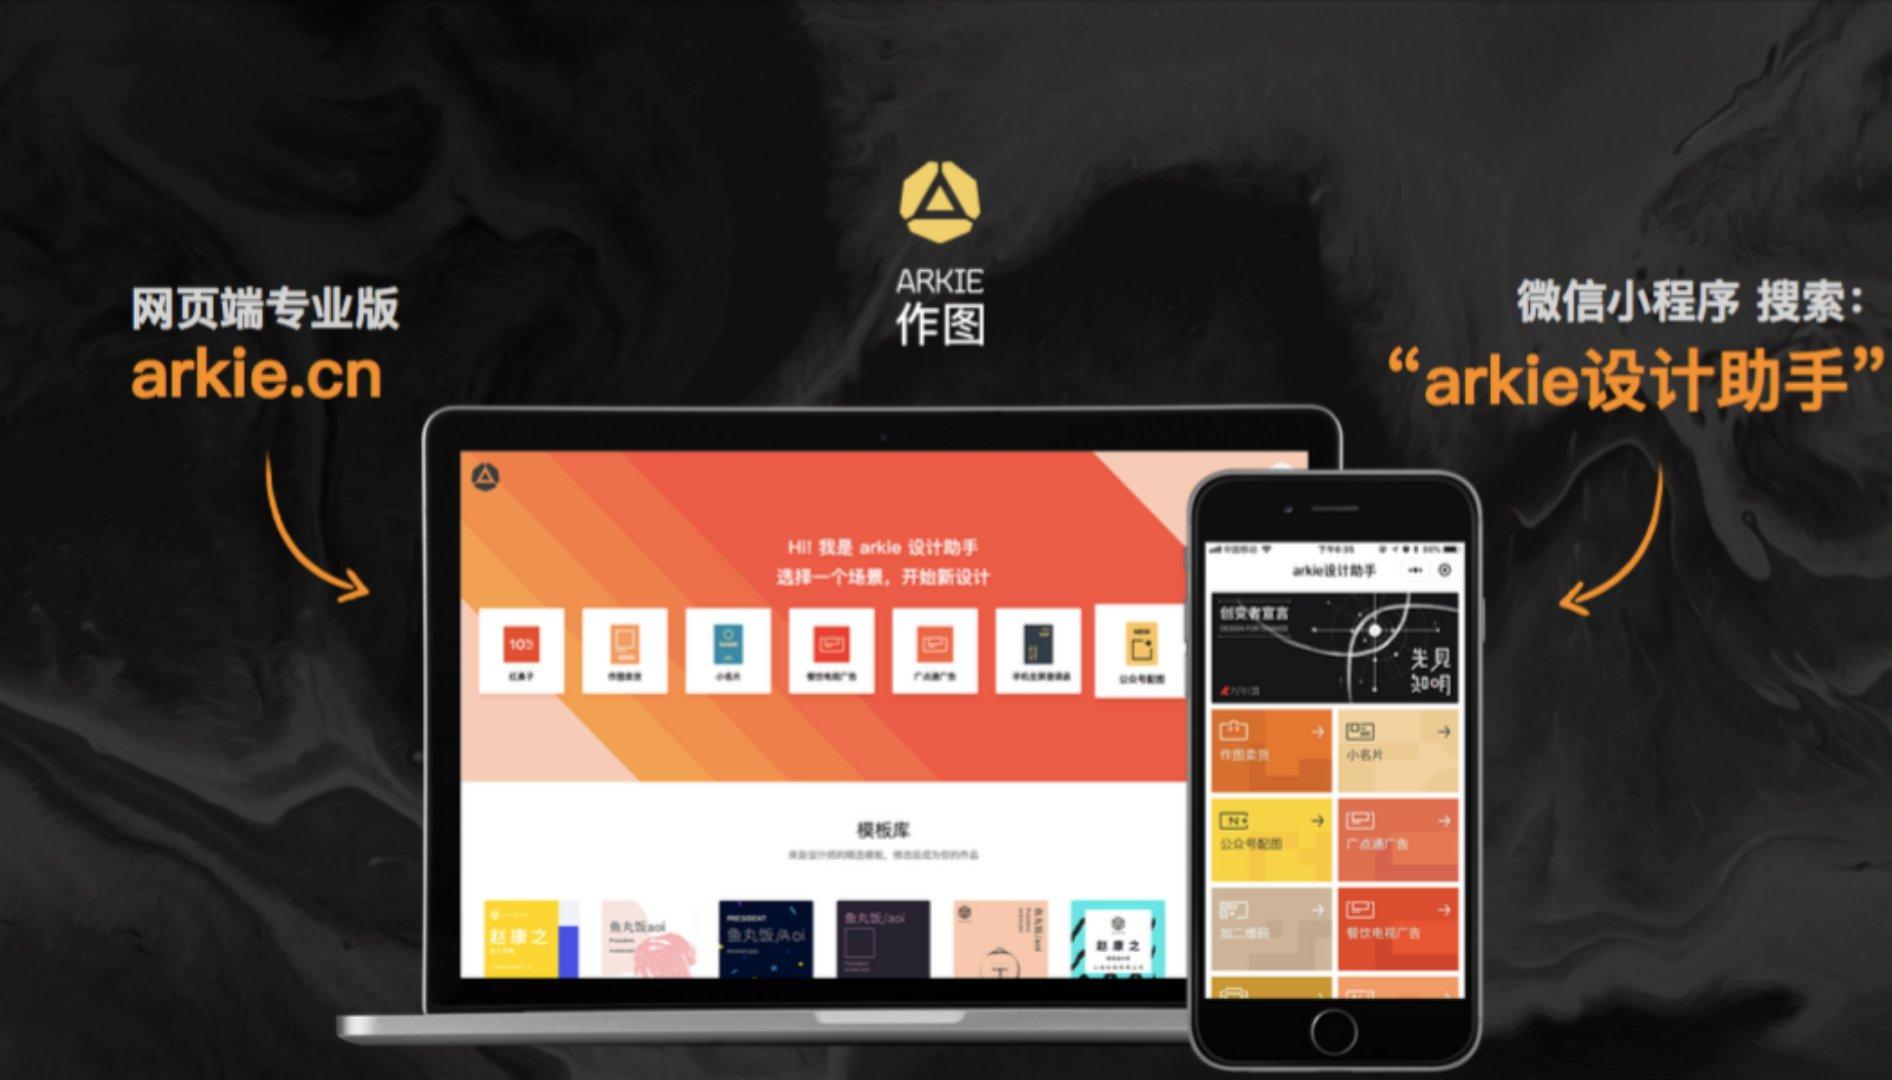 上海阿几网络技术有限公司潜心钻研arike设计品牌的行业客户需求,为